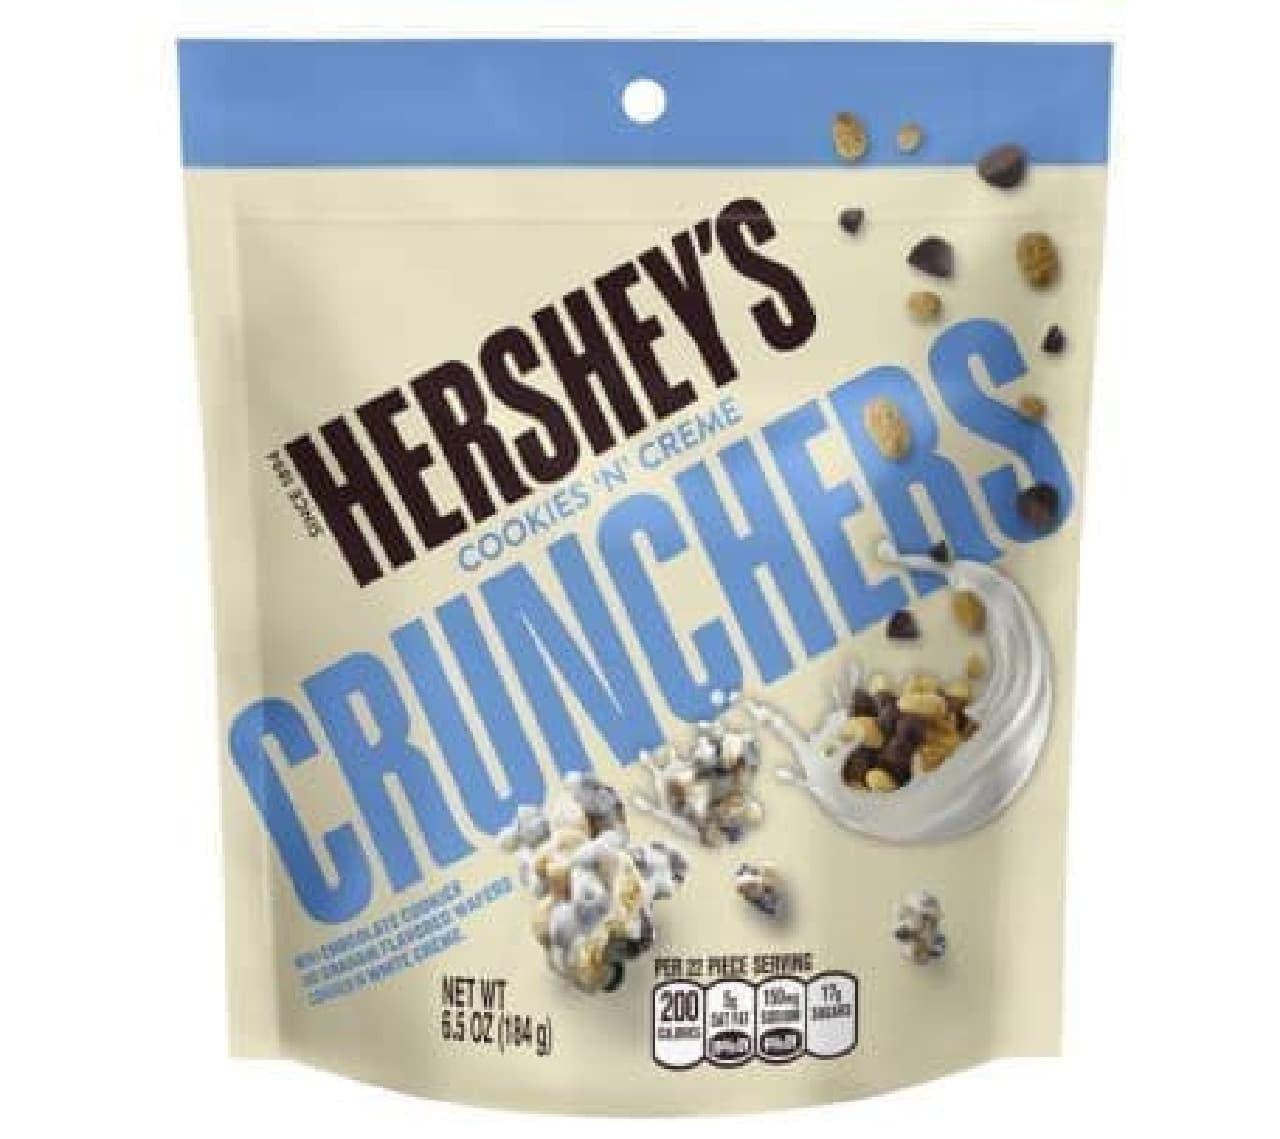 ハーシーズ クッキーアンドクリーム クランチャーズは、ミルククリームとウェハース、チョコレートクッキーが組み合わされたお菓子